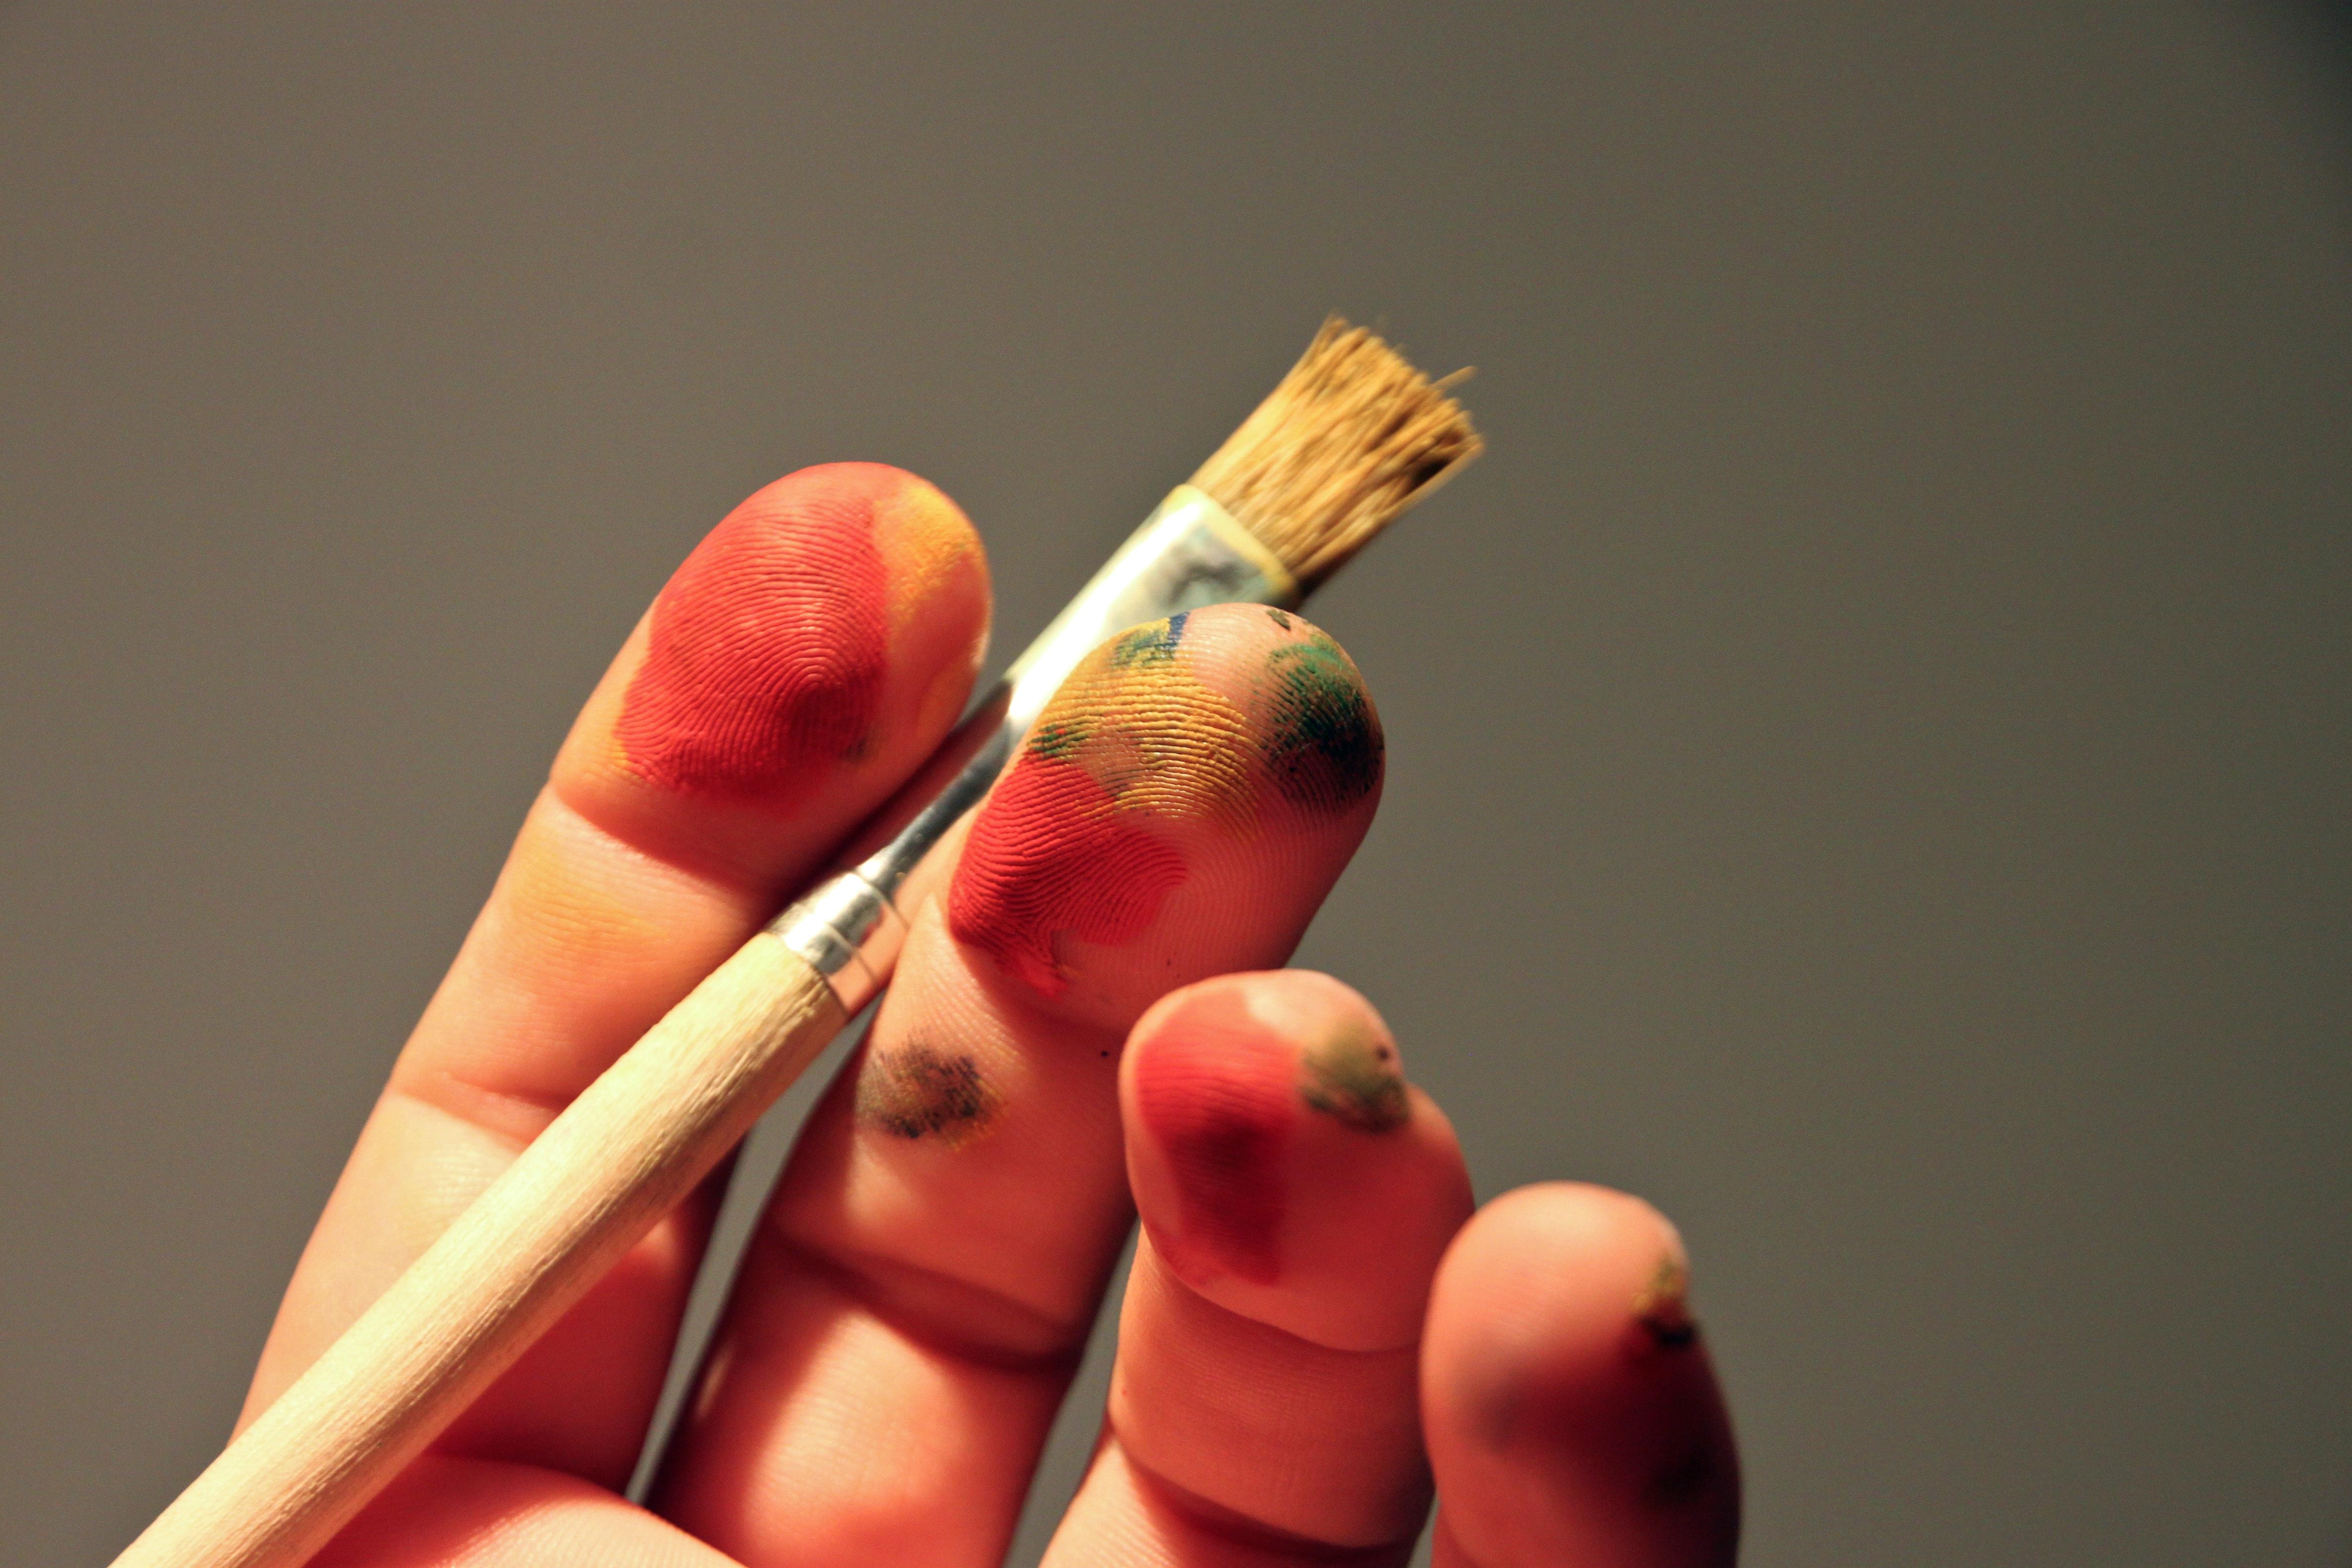 Hand pinsel symbolbild selbstmarketing wissenschaft.172400c4398d731538b8e69ac9af97b92